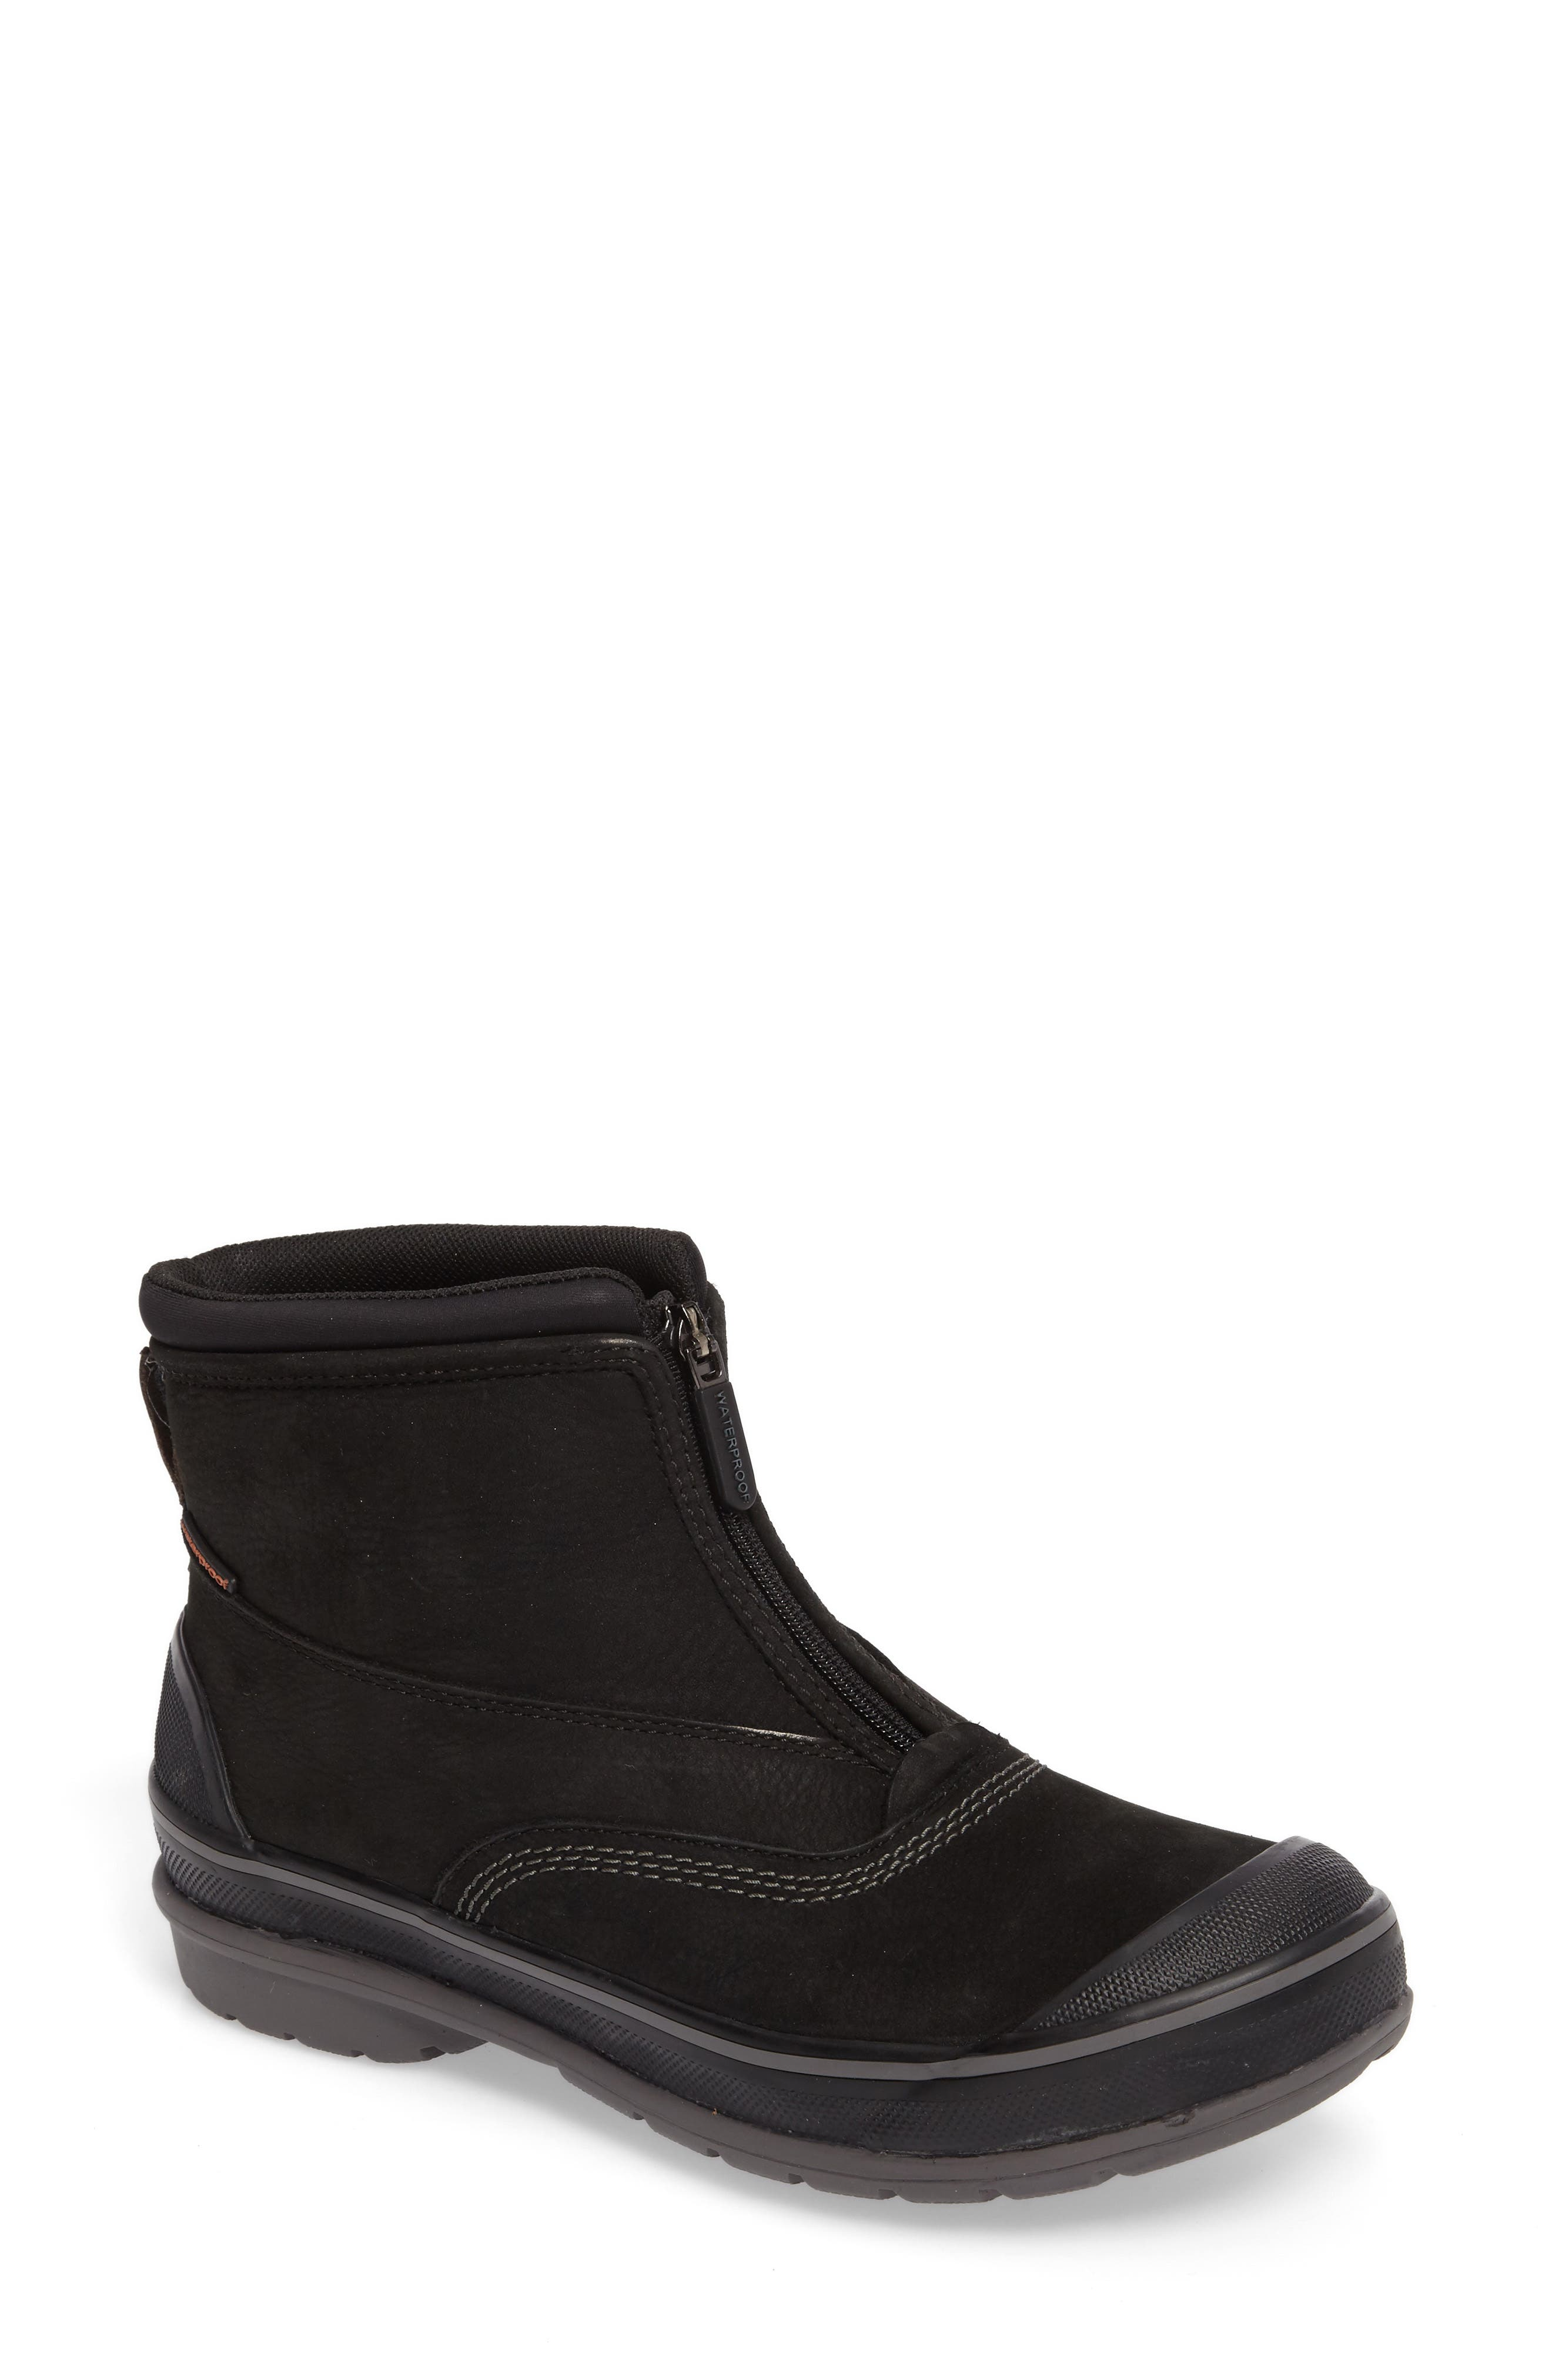 Main Image - Clarks® Muckers Hike Waterproof Boot (Women)